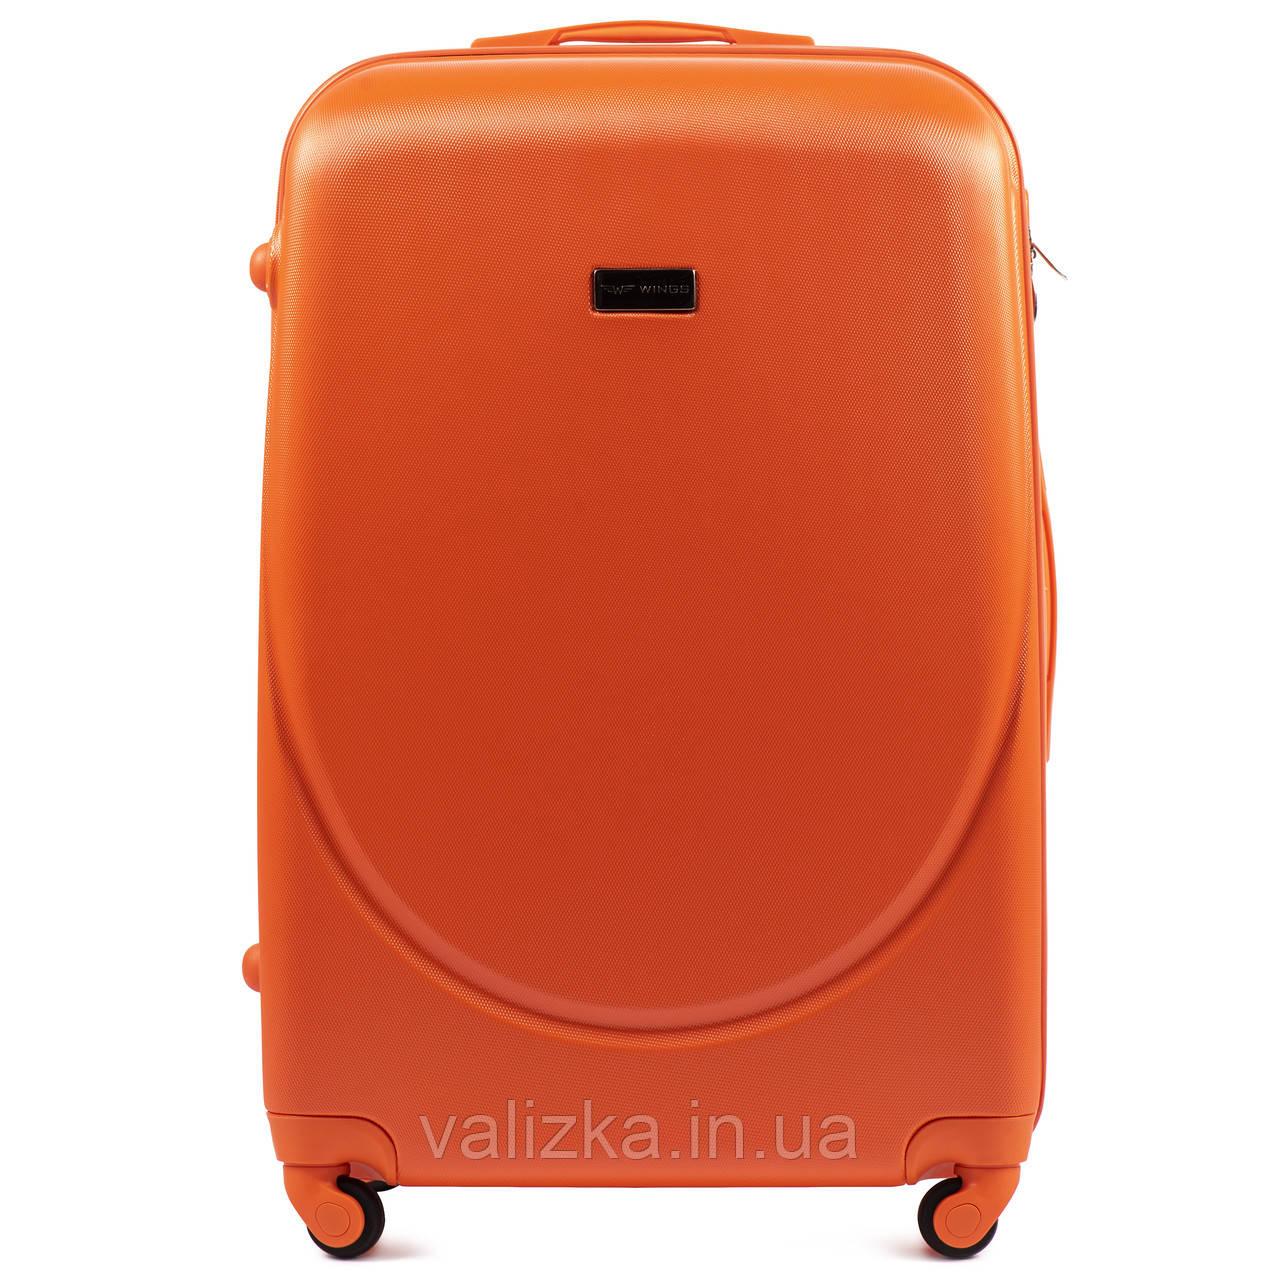 Великий пластиковий чемодан з фурнітурою в помаранчевий колір